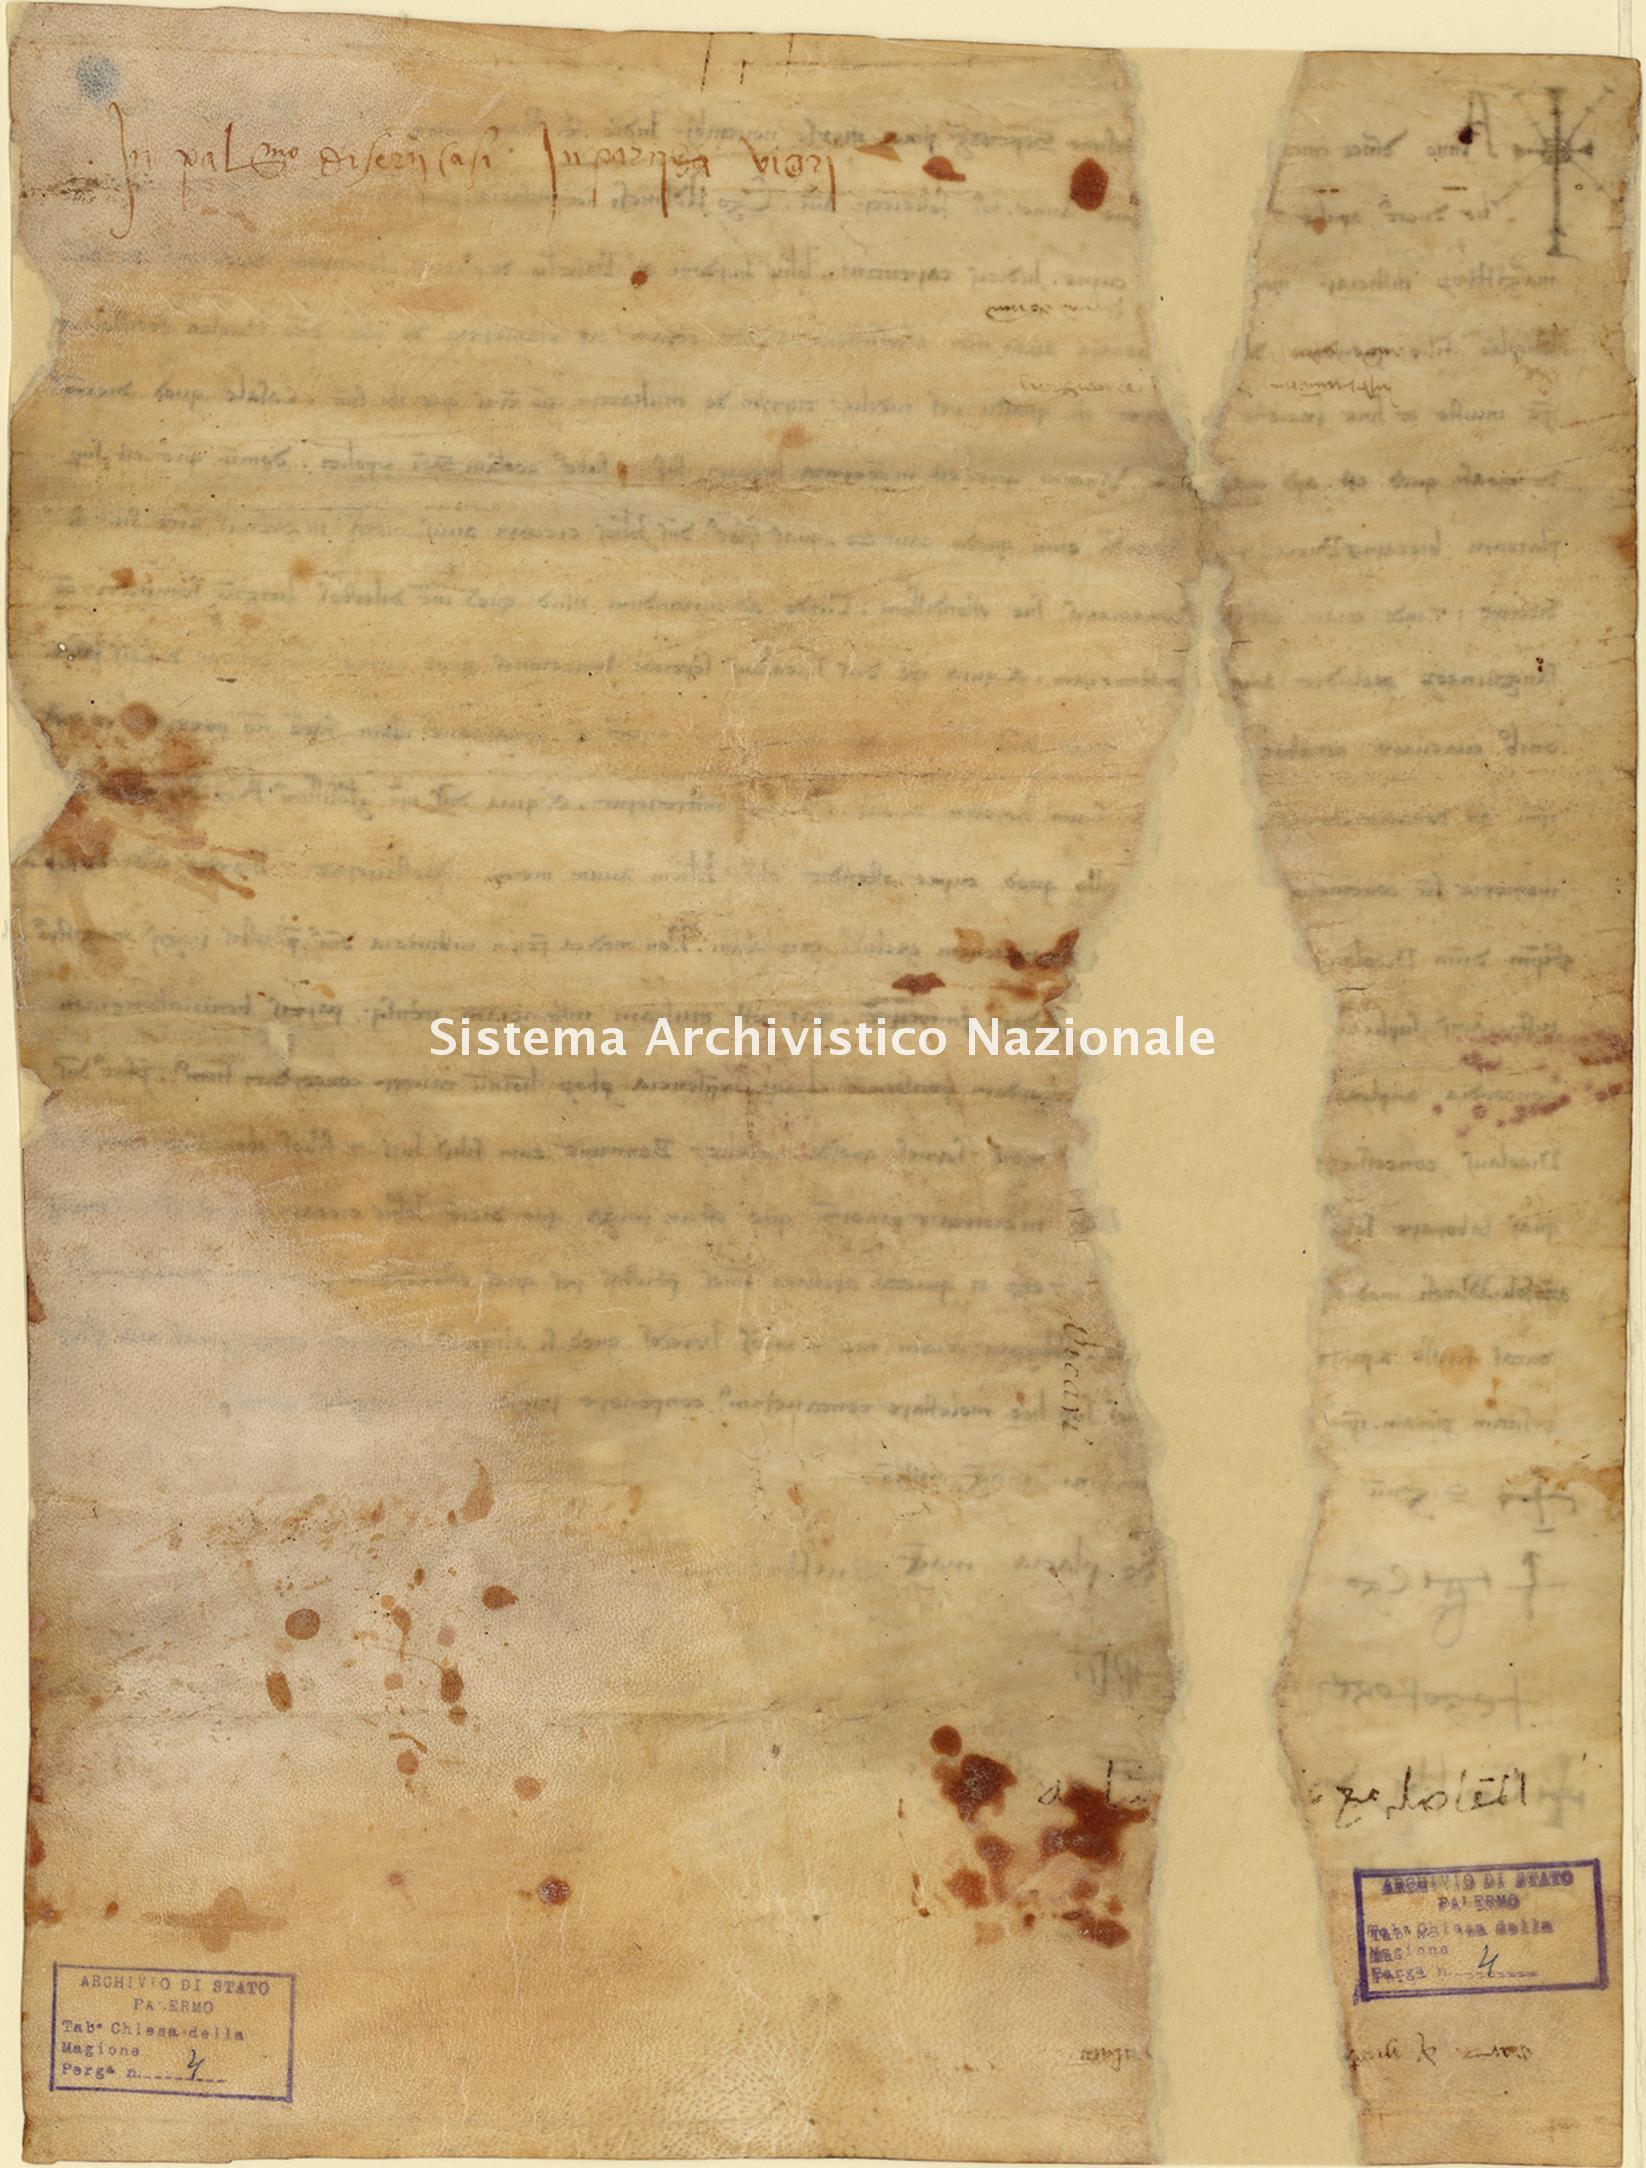 Archivio di Stato di Palermo, Diplomatico, Tabulario della Commenda della Magione, Pergamena TCM 004